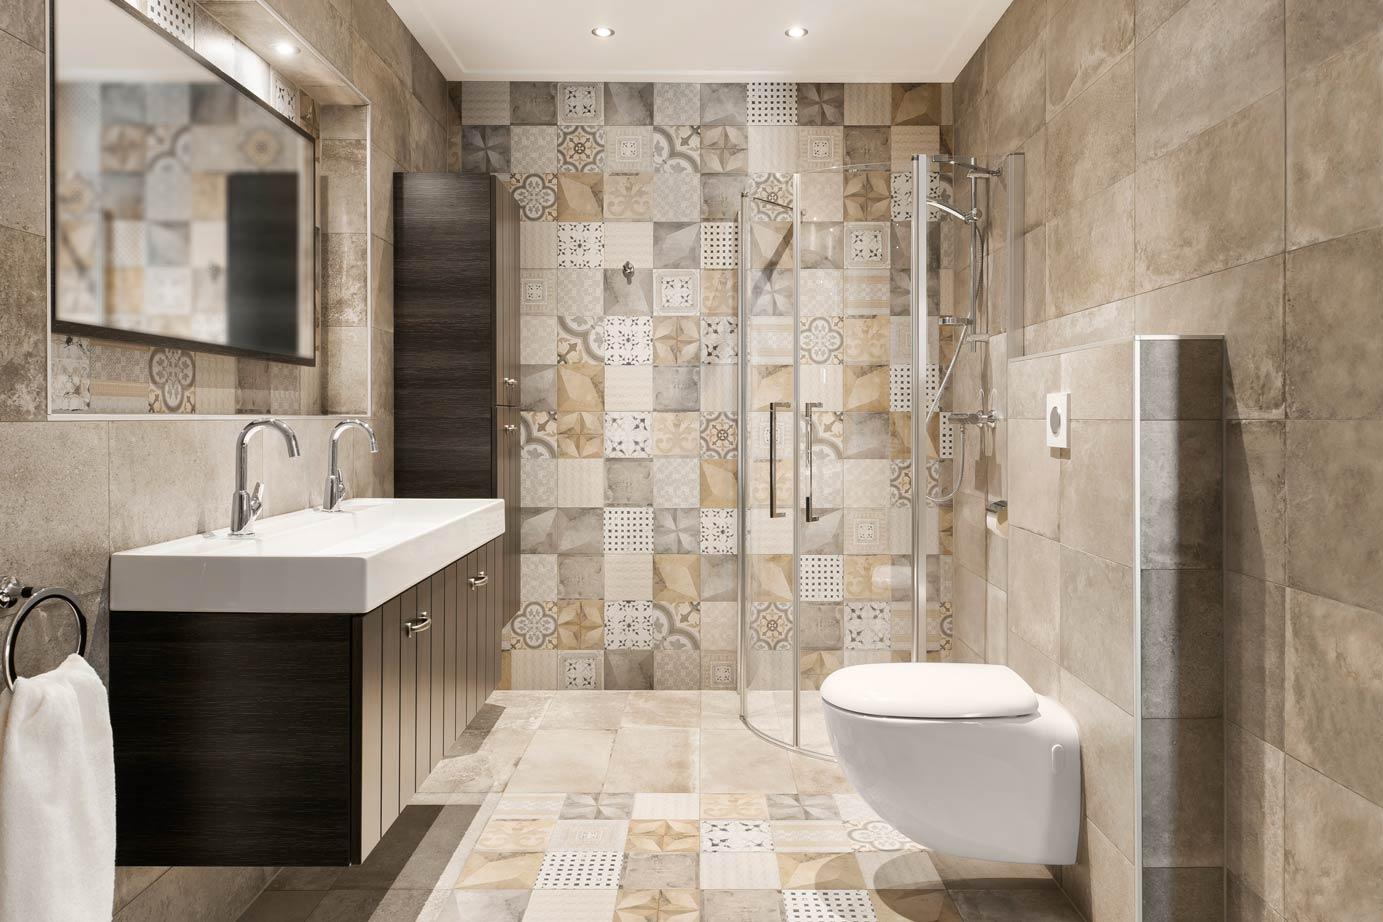 badkamers met netto netto prijzen. - arma, Deco ideeën